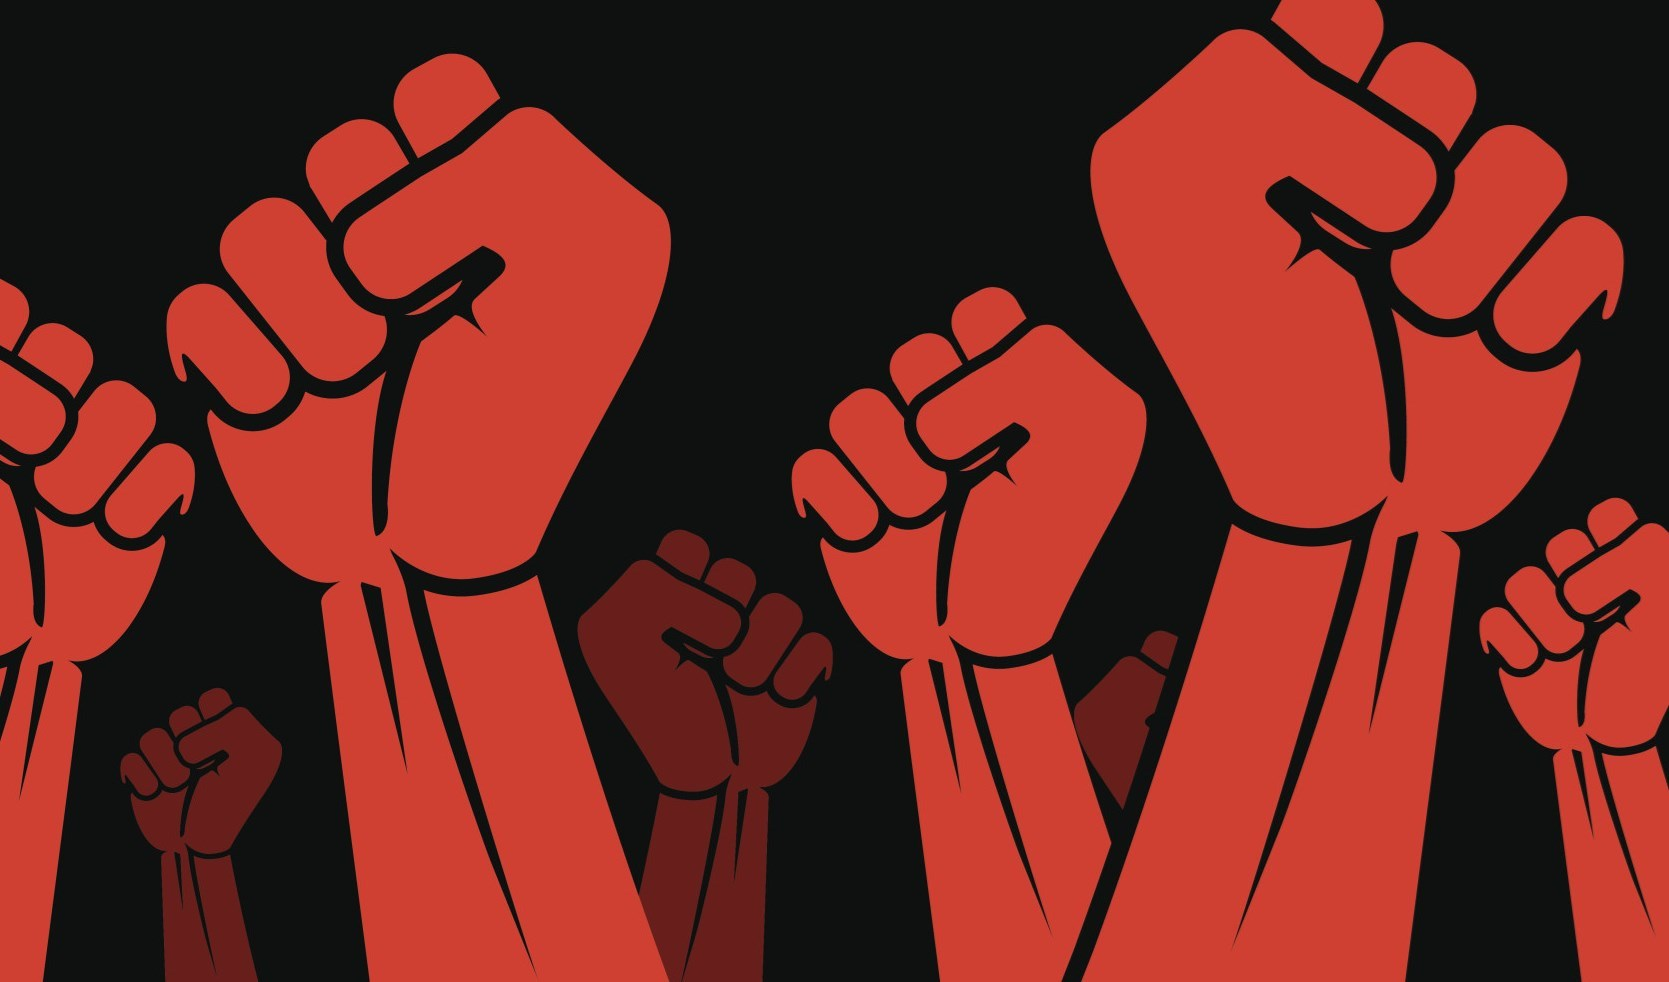 السِمات الجديدة للثورات المُلوَّنة